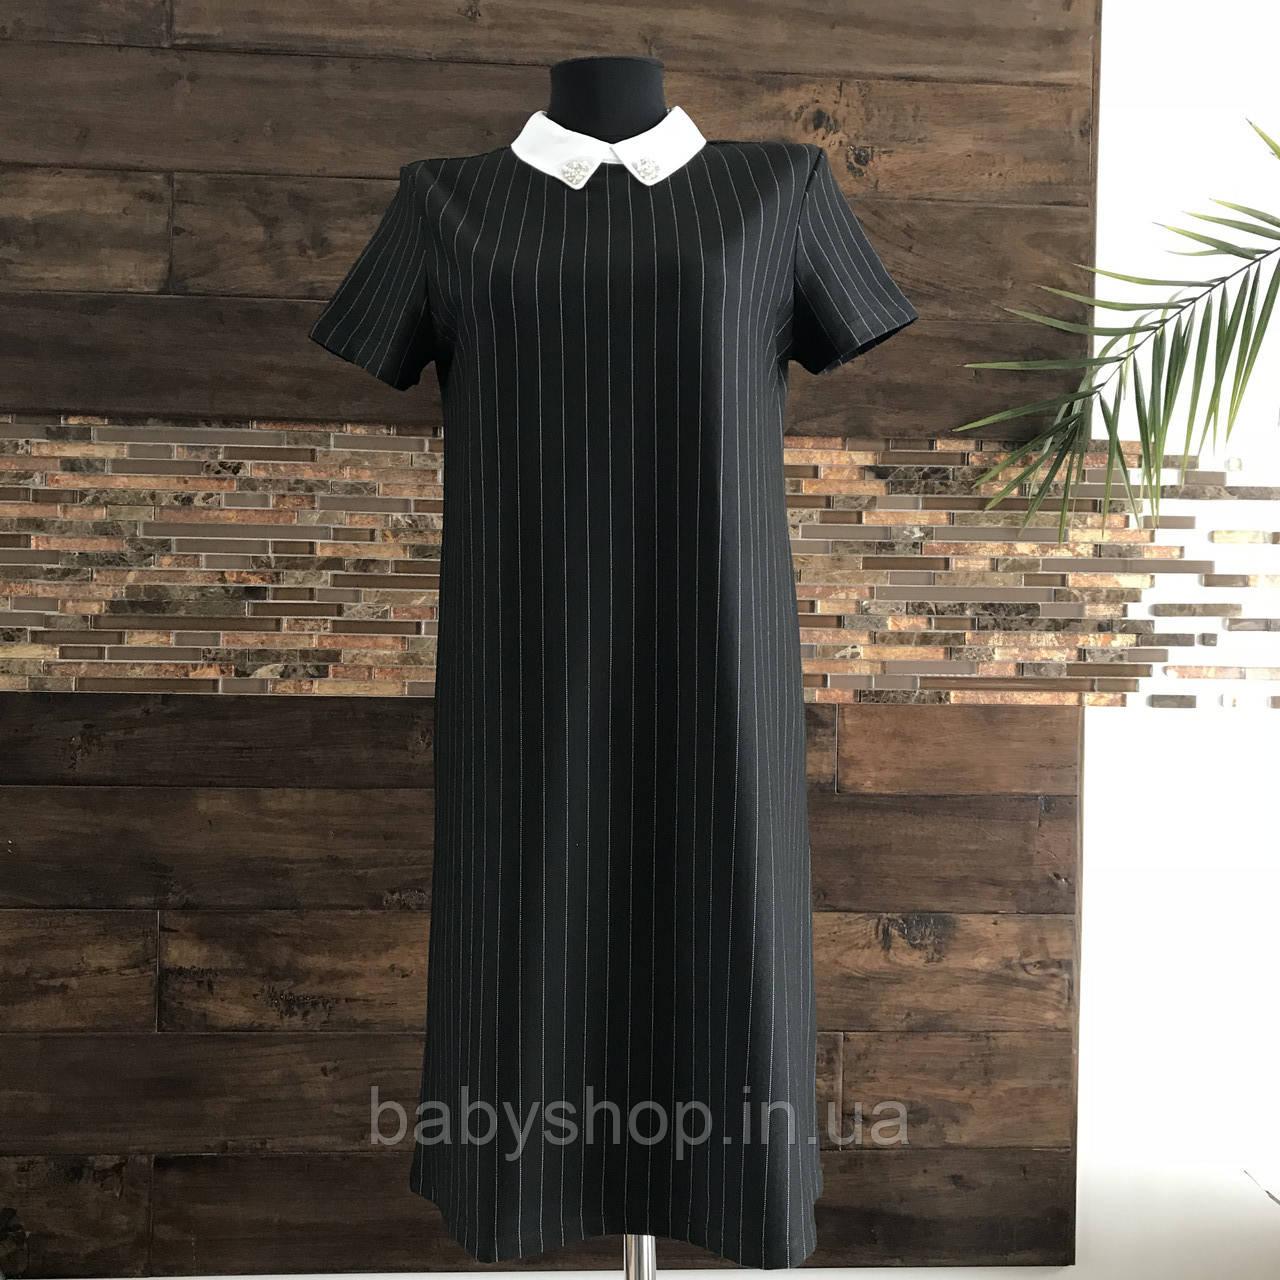 Женское платье Koton.  Размер S,M. L.